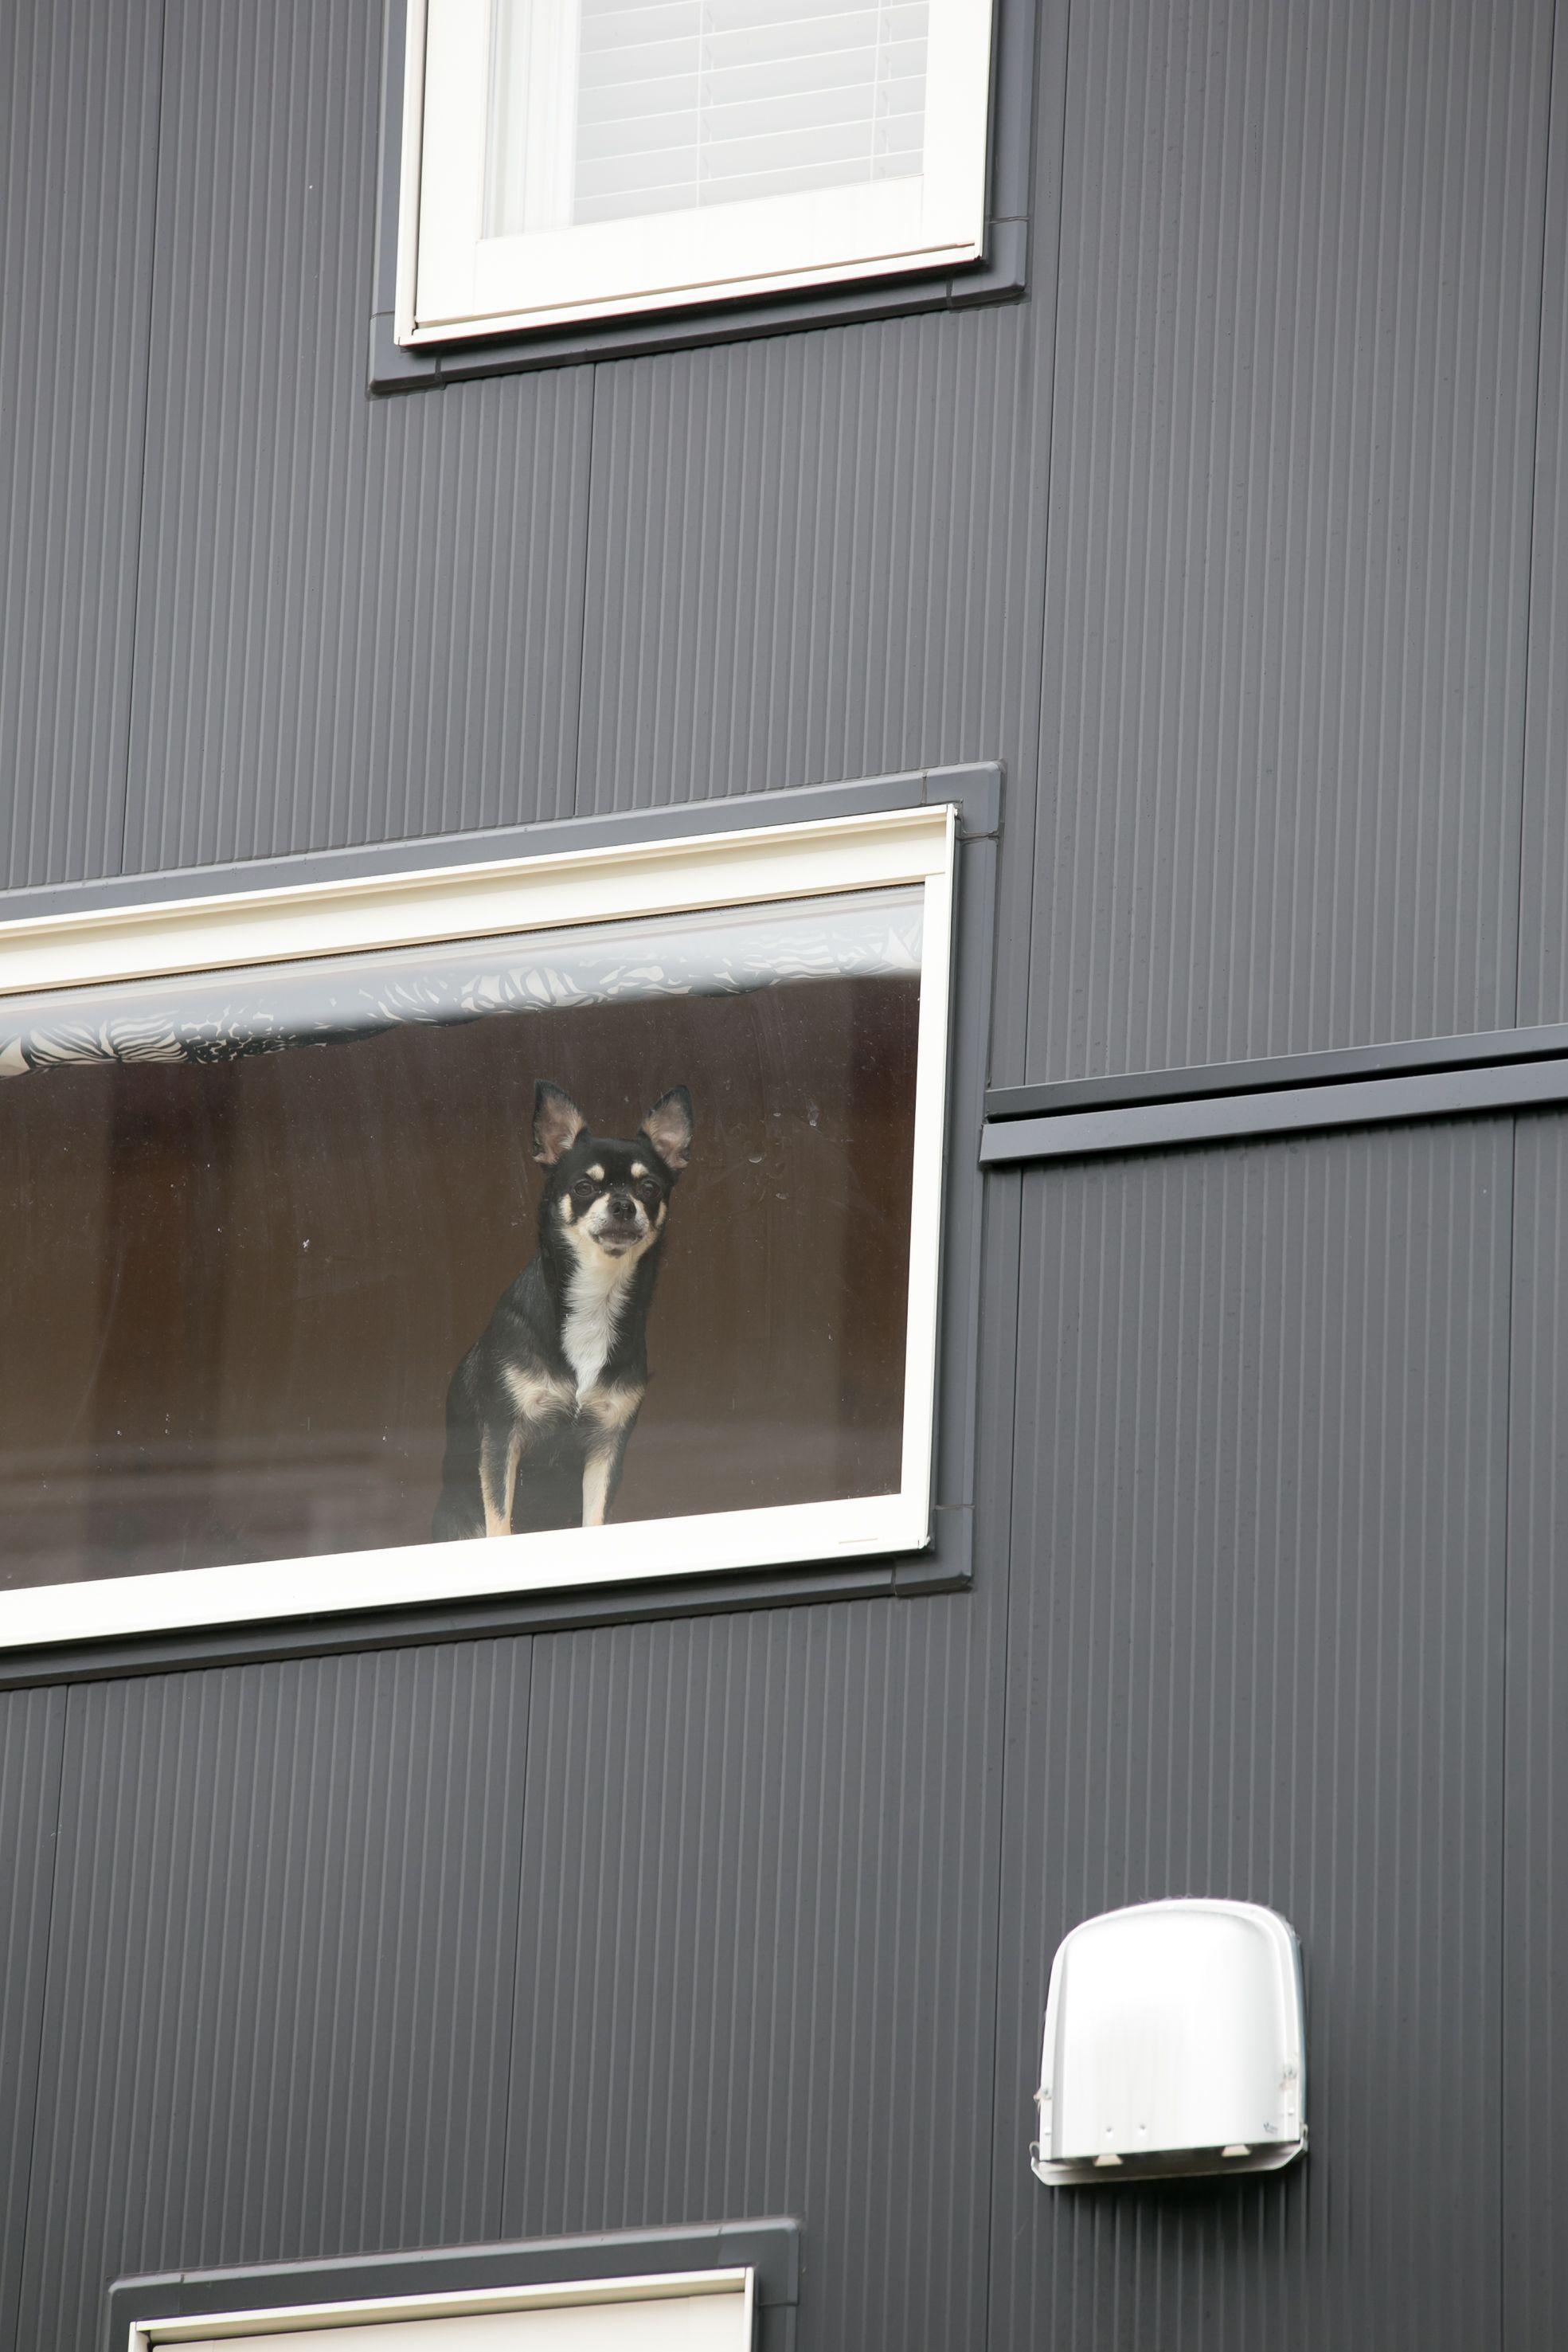 ペットと共に暮らす家 Bino Bino Wave 中塚組 窓 ペット ペット専用 ペット専用窓 ペットのいる暮らし 外観 外壁 家 おしゃれな 平屋 おしゃれな家